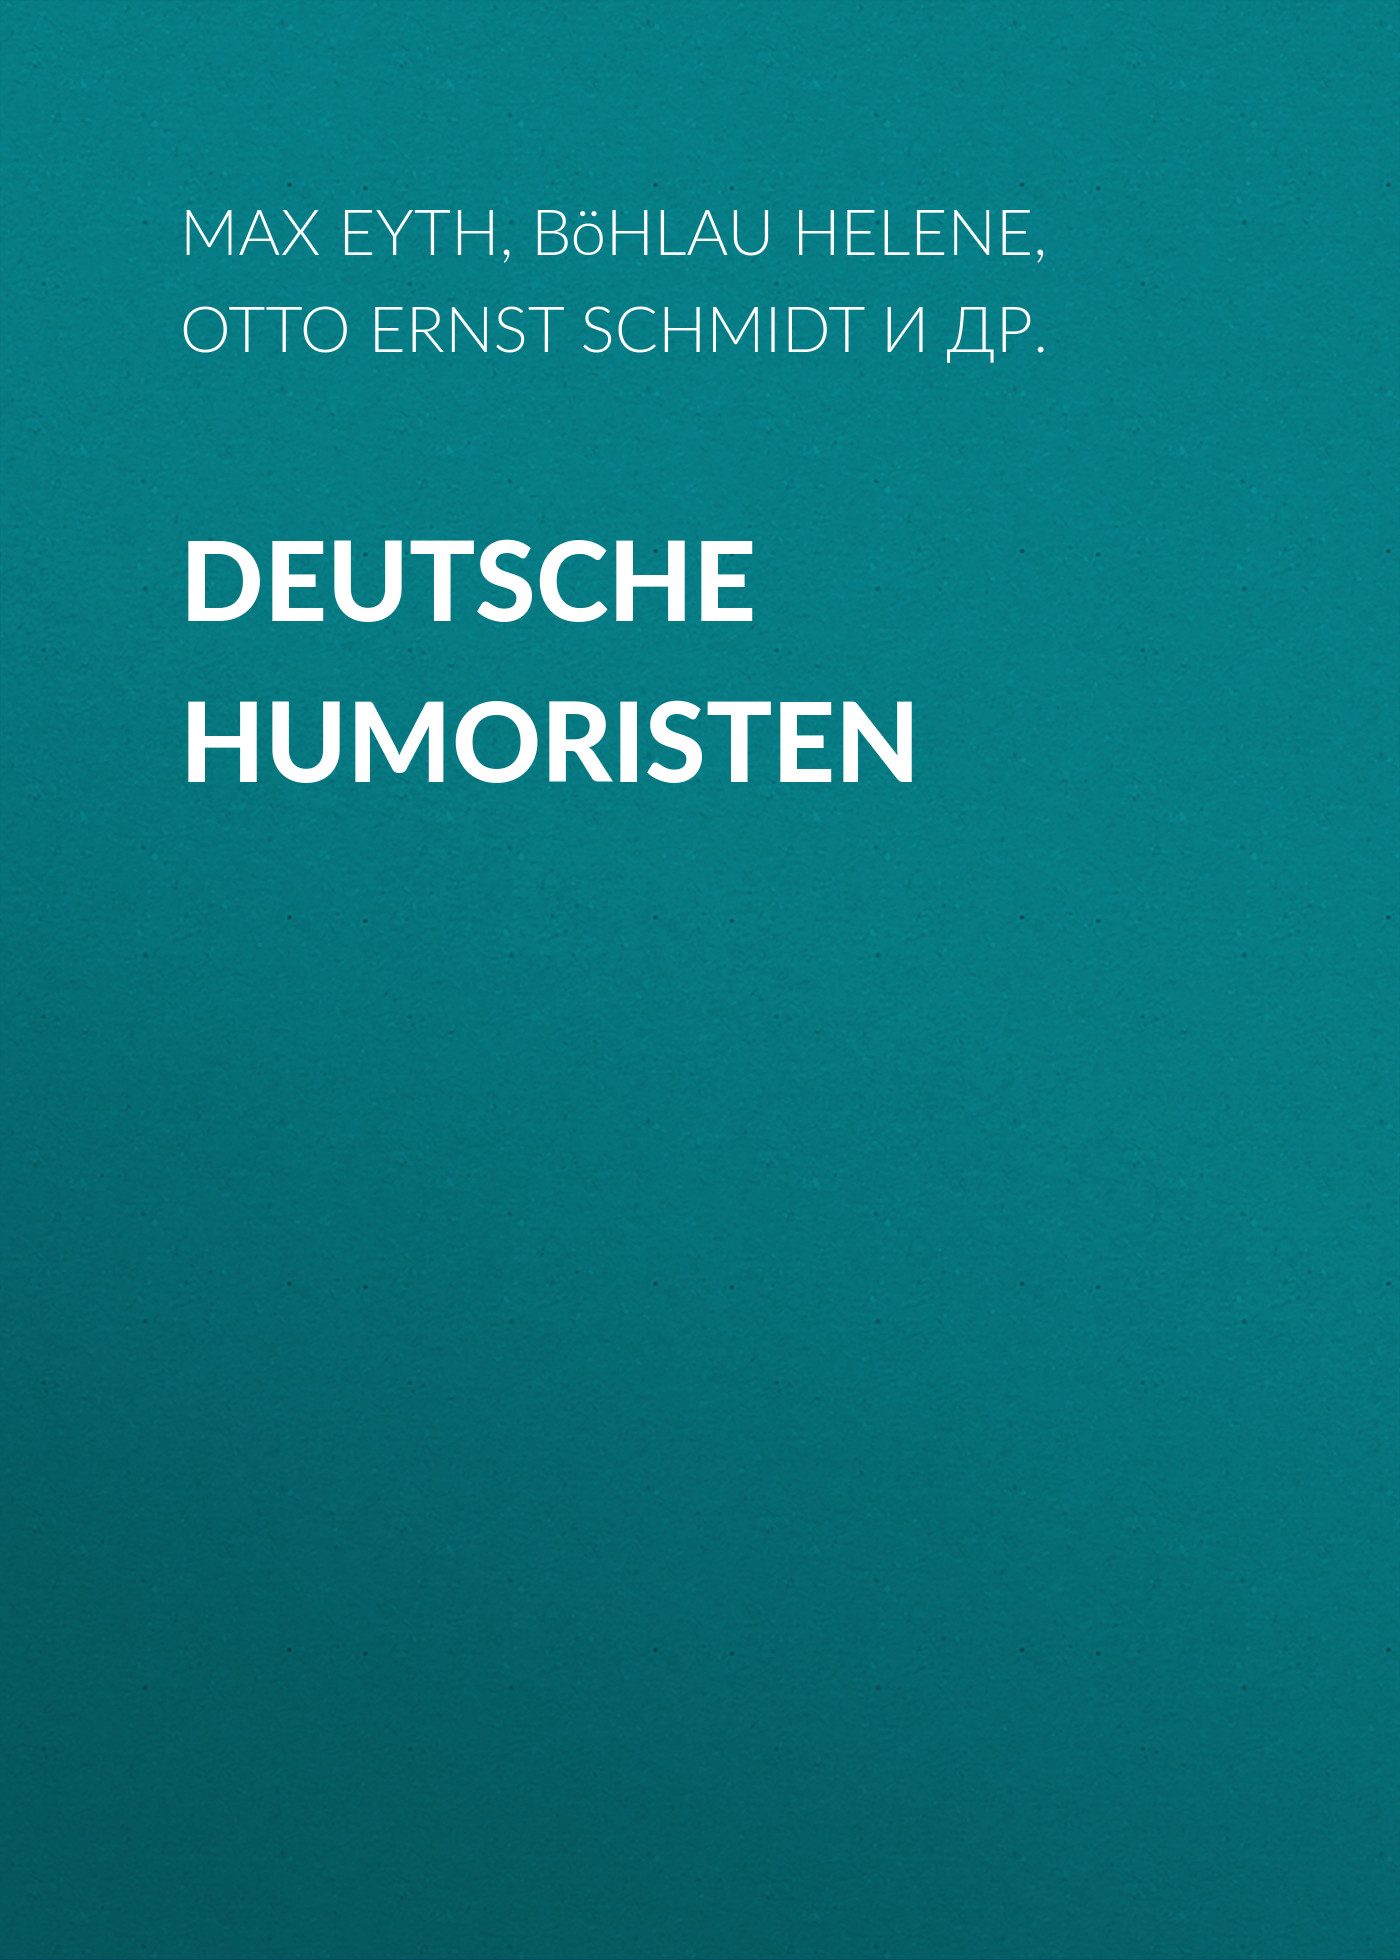 Otto Ernst Schmidt Deutsche Humoristen кольцо для пилатес schmidt 66666666666